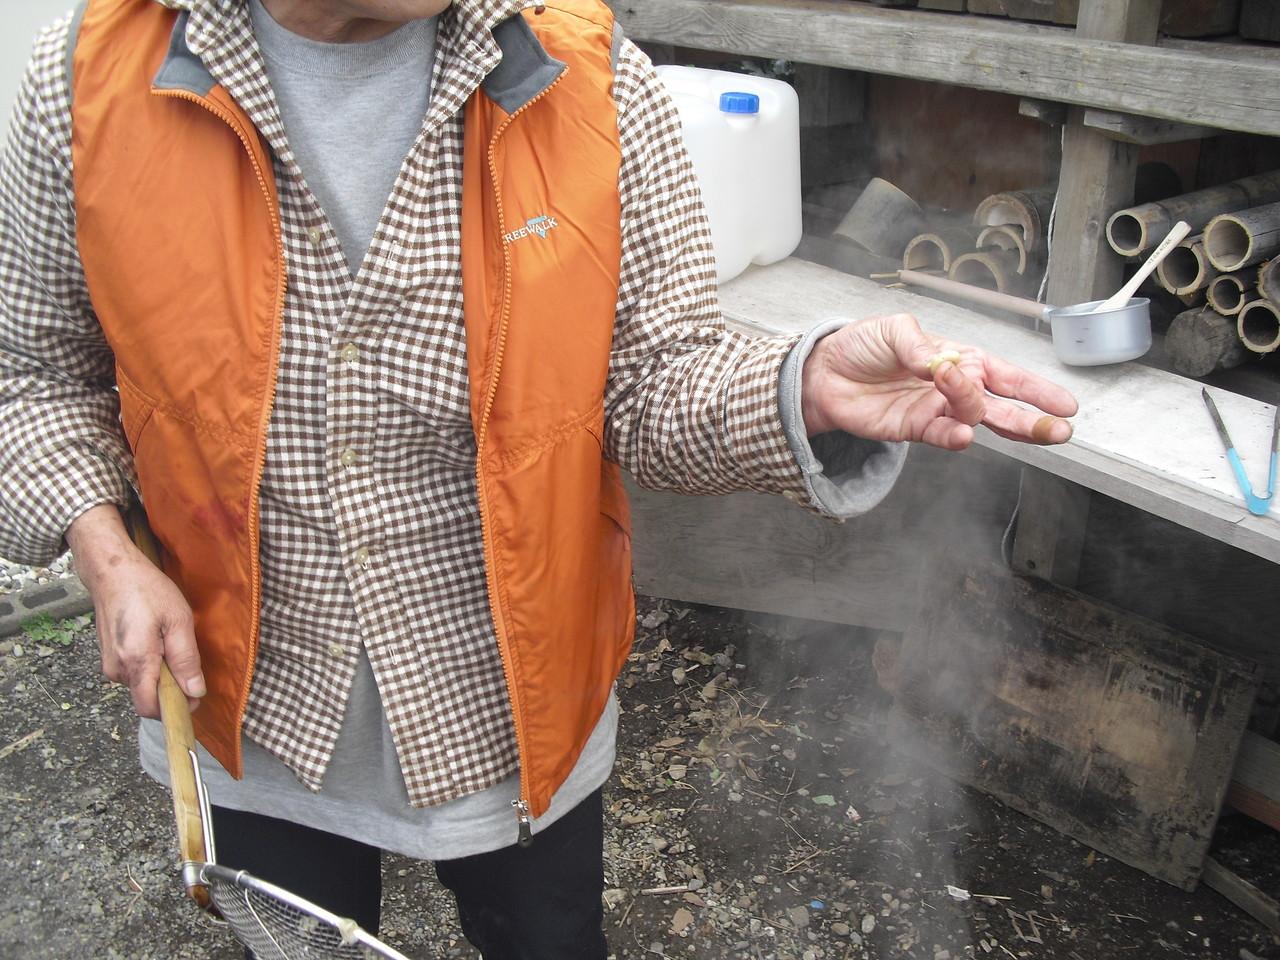 手の指で一番力の入らない左手の薬指と親指でつぶれるぐらいの柔らかさになるまで煮ると良いのだそうです。